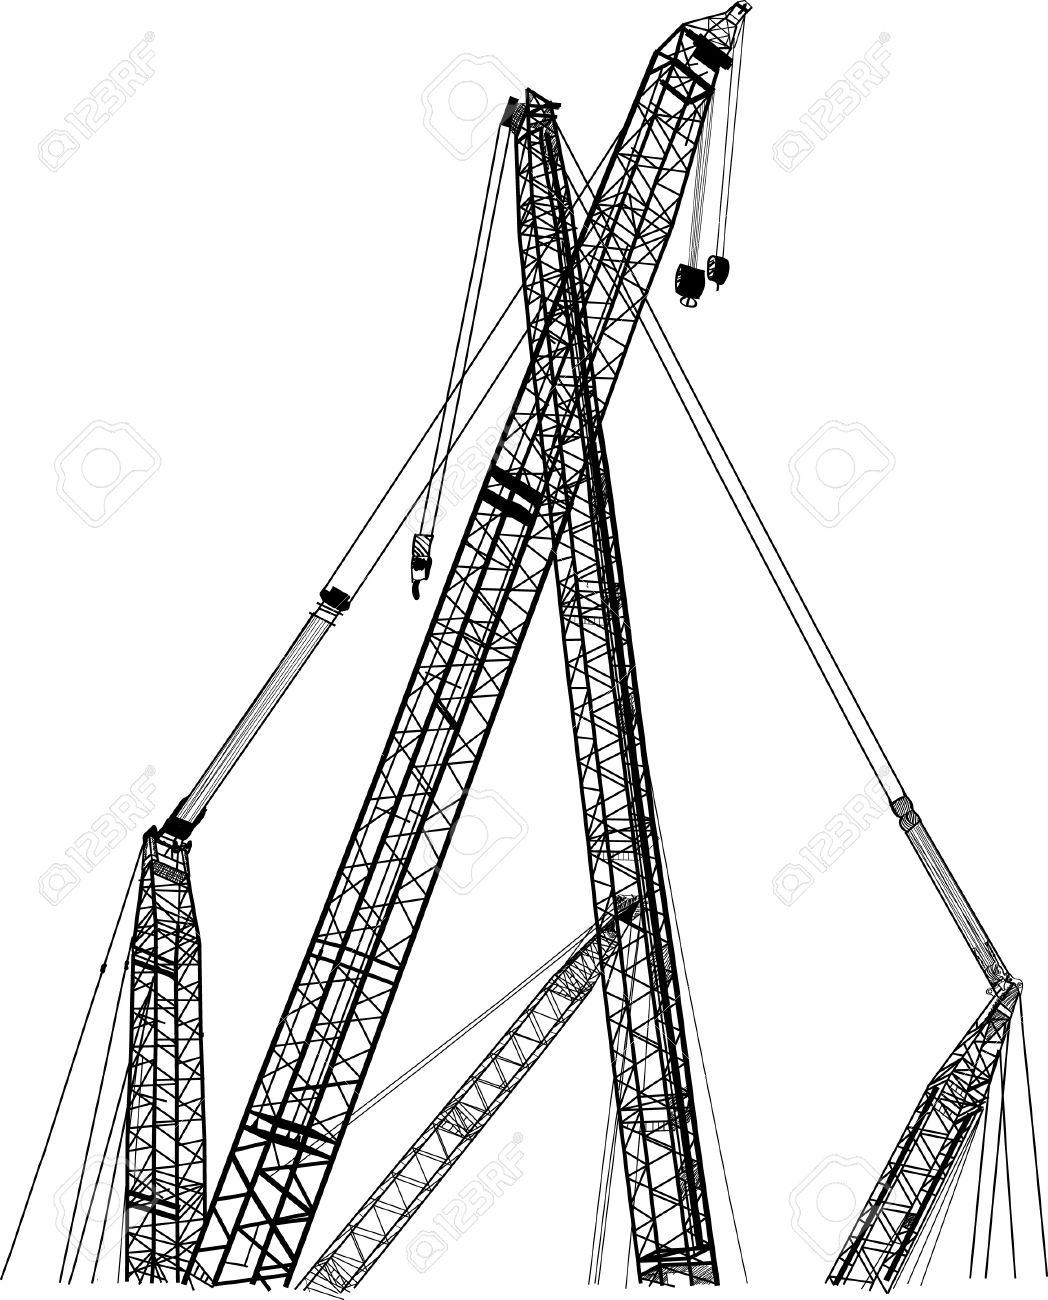 Crane line vector sketch up. Stock Vector - 14924338